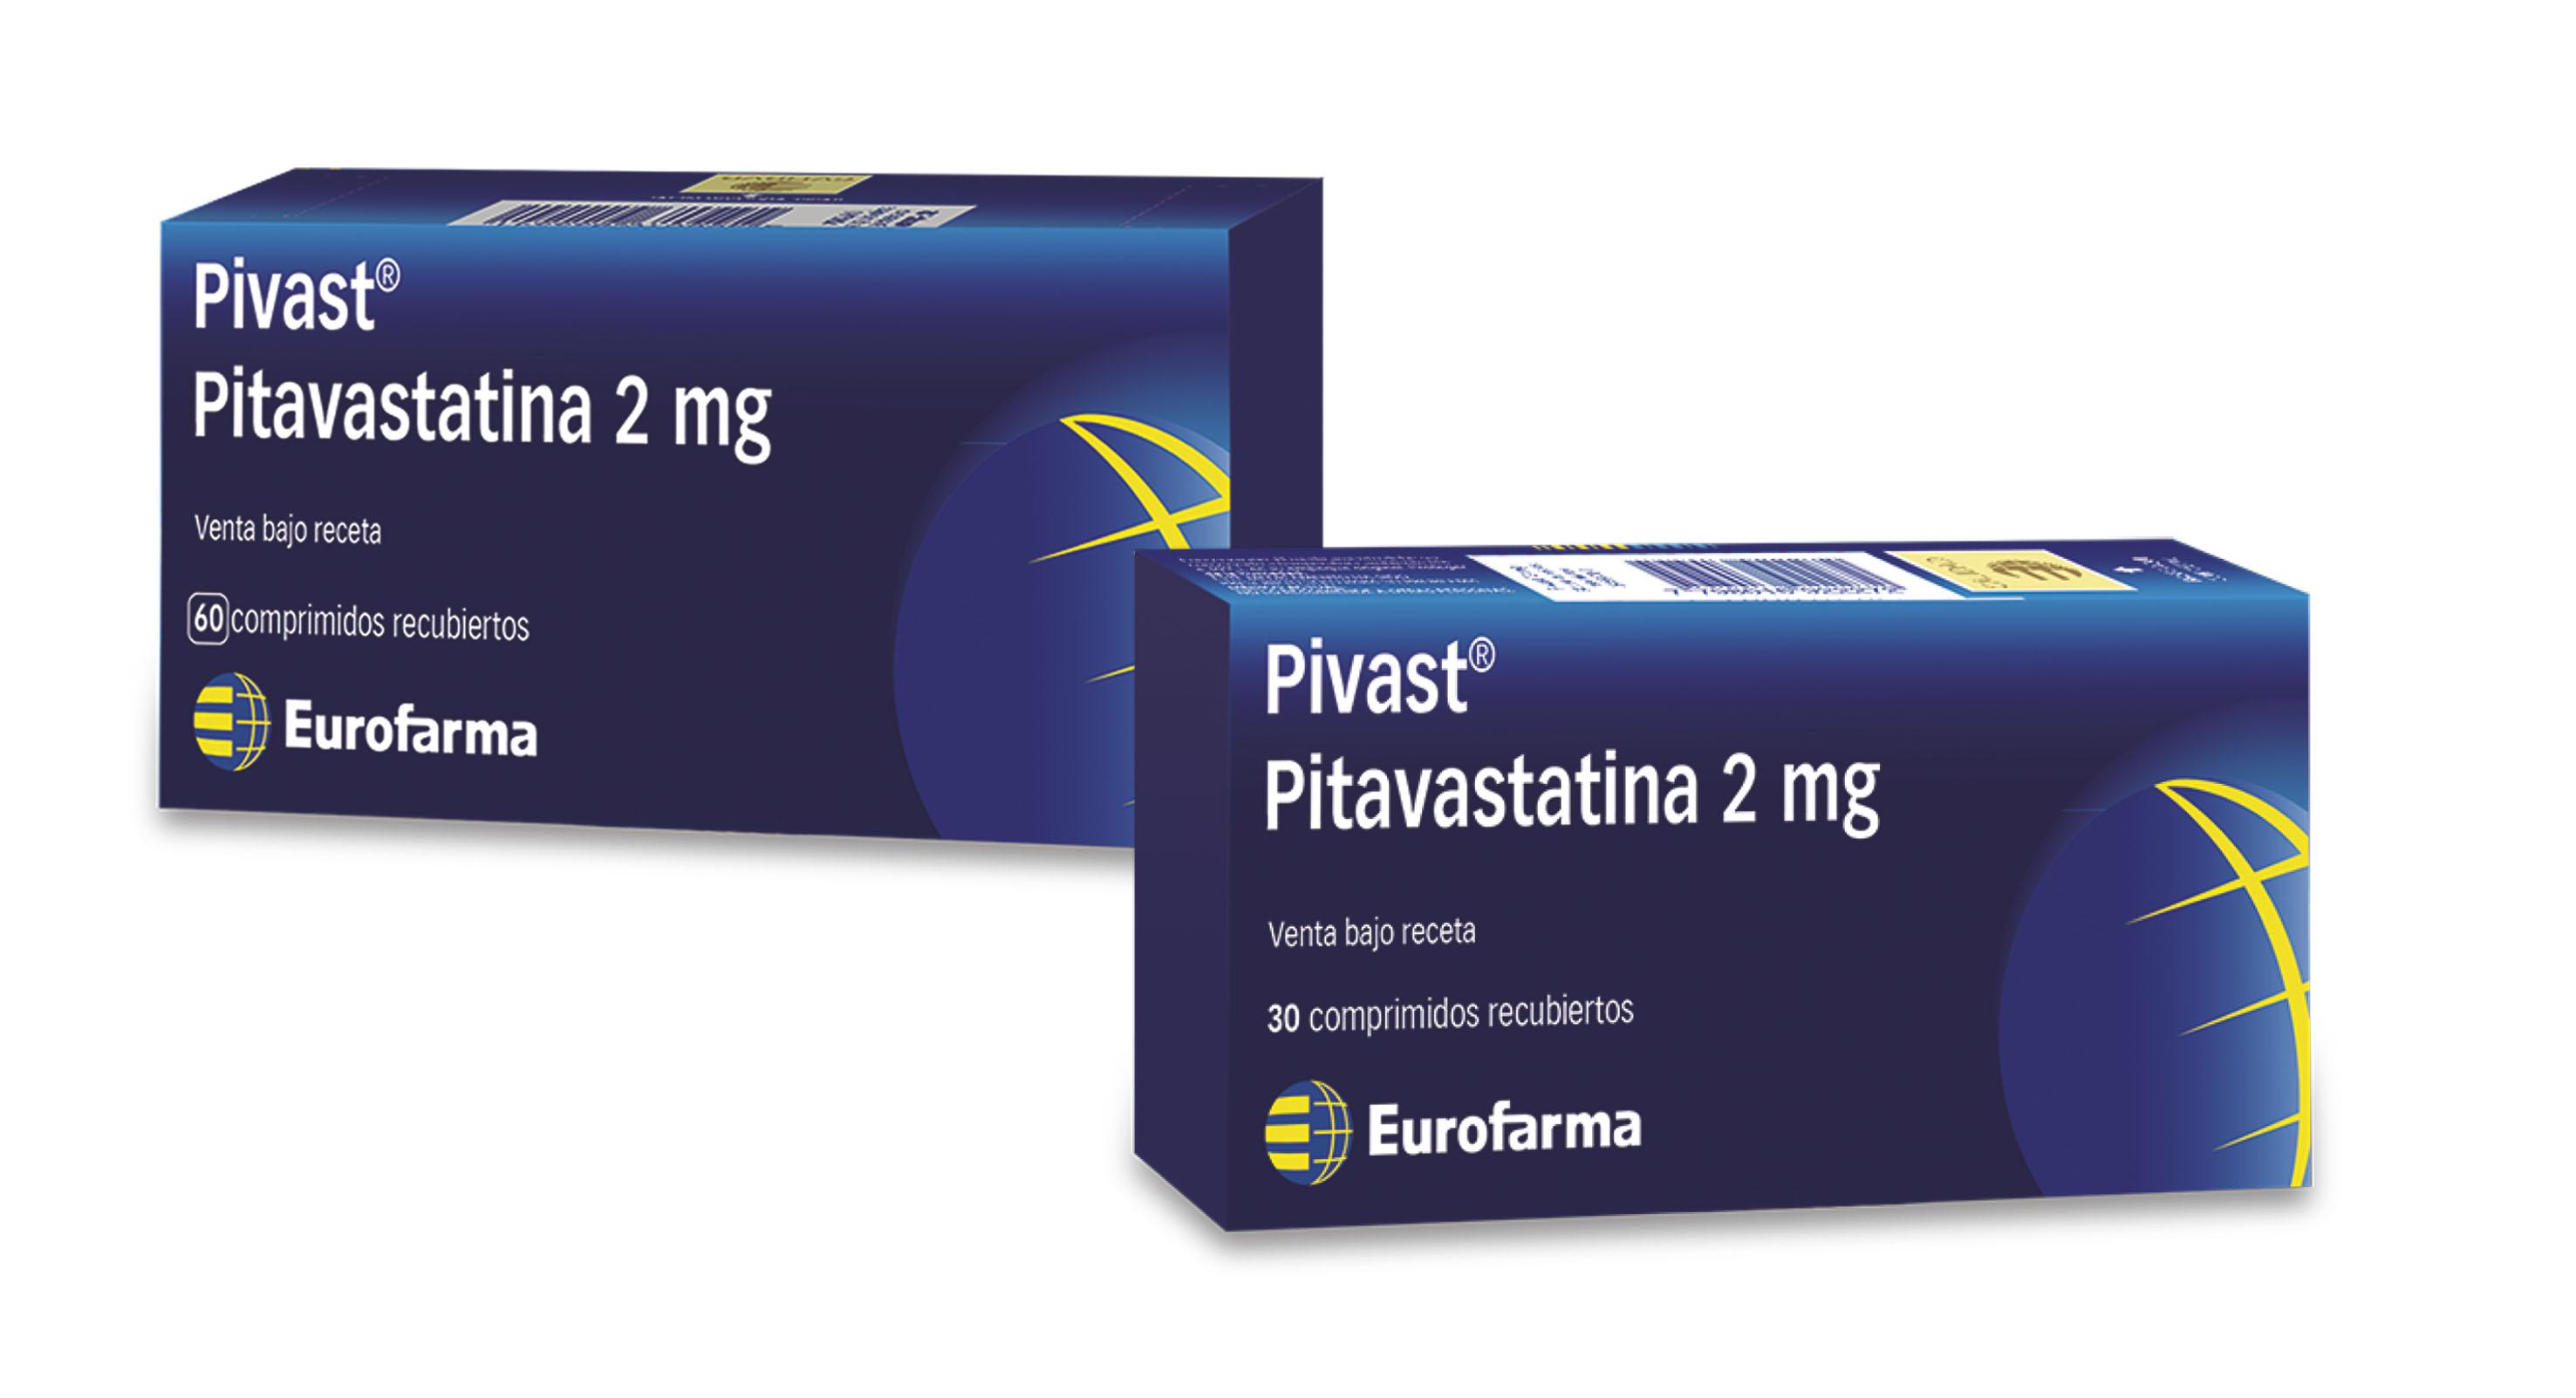 Pivast®